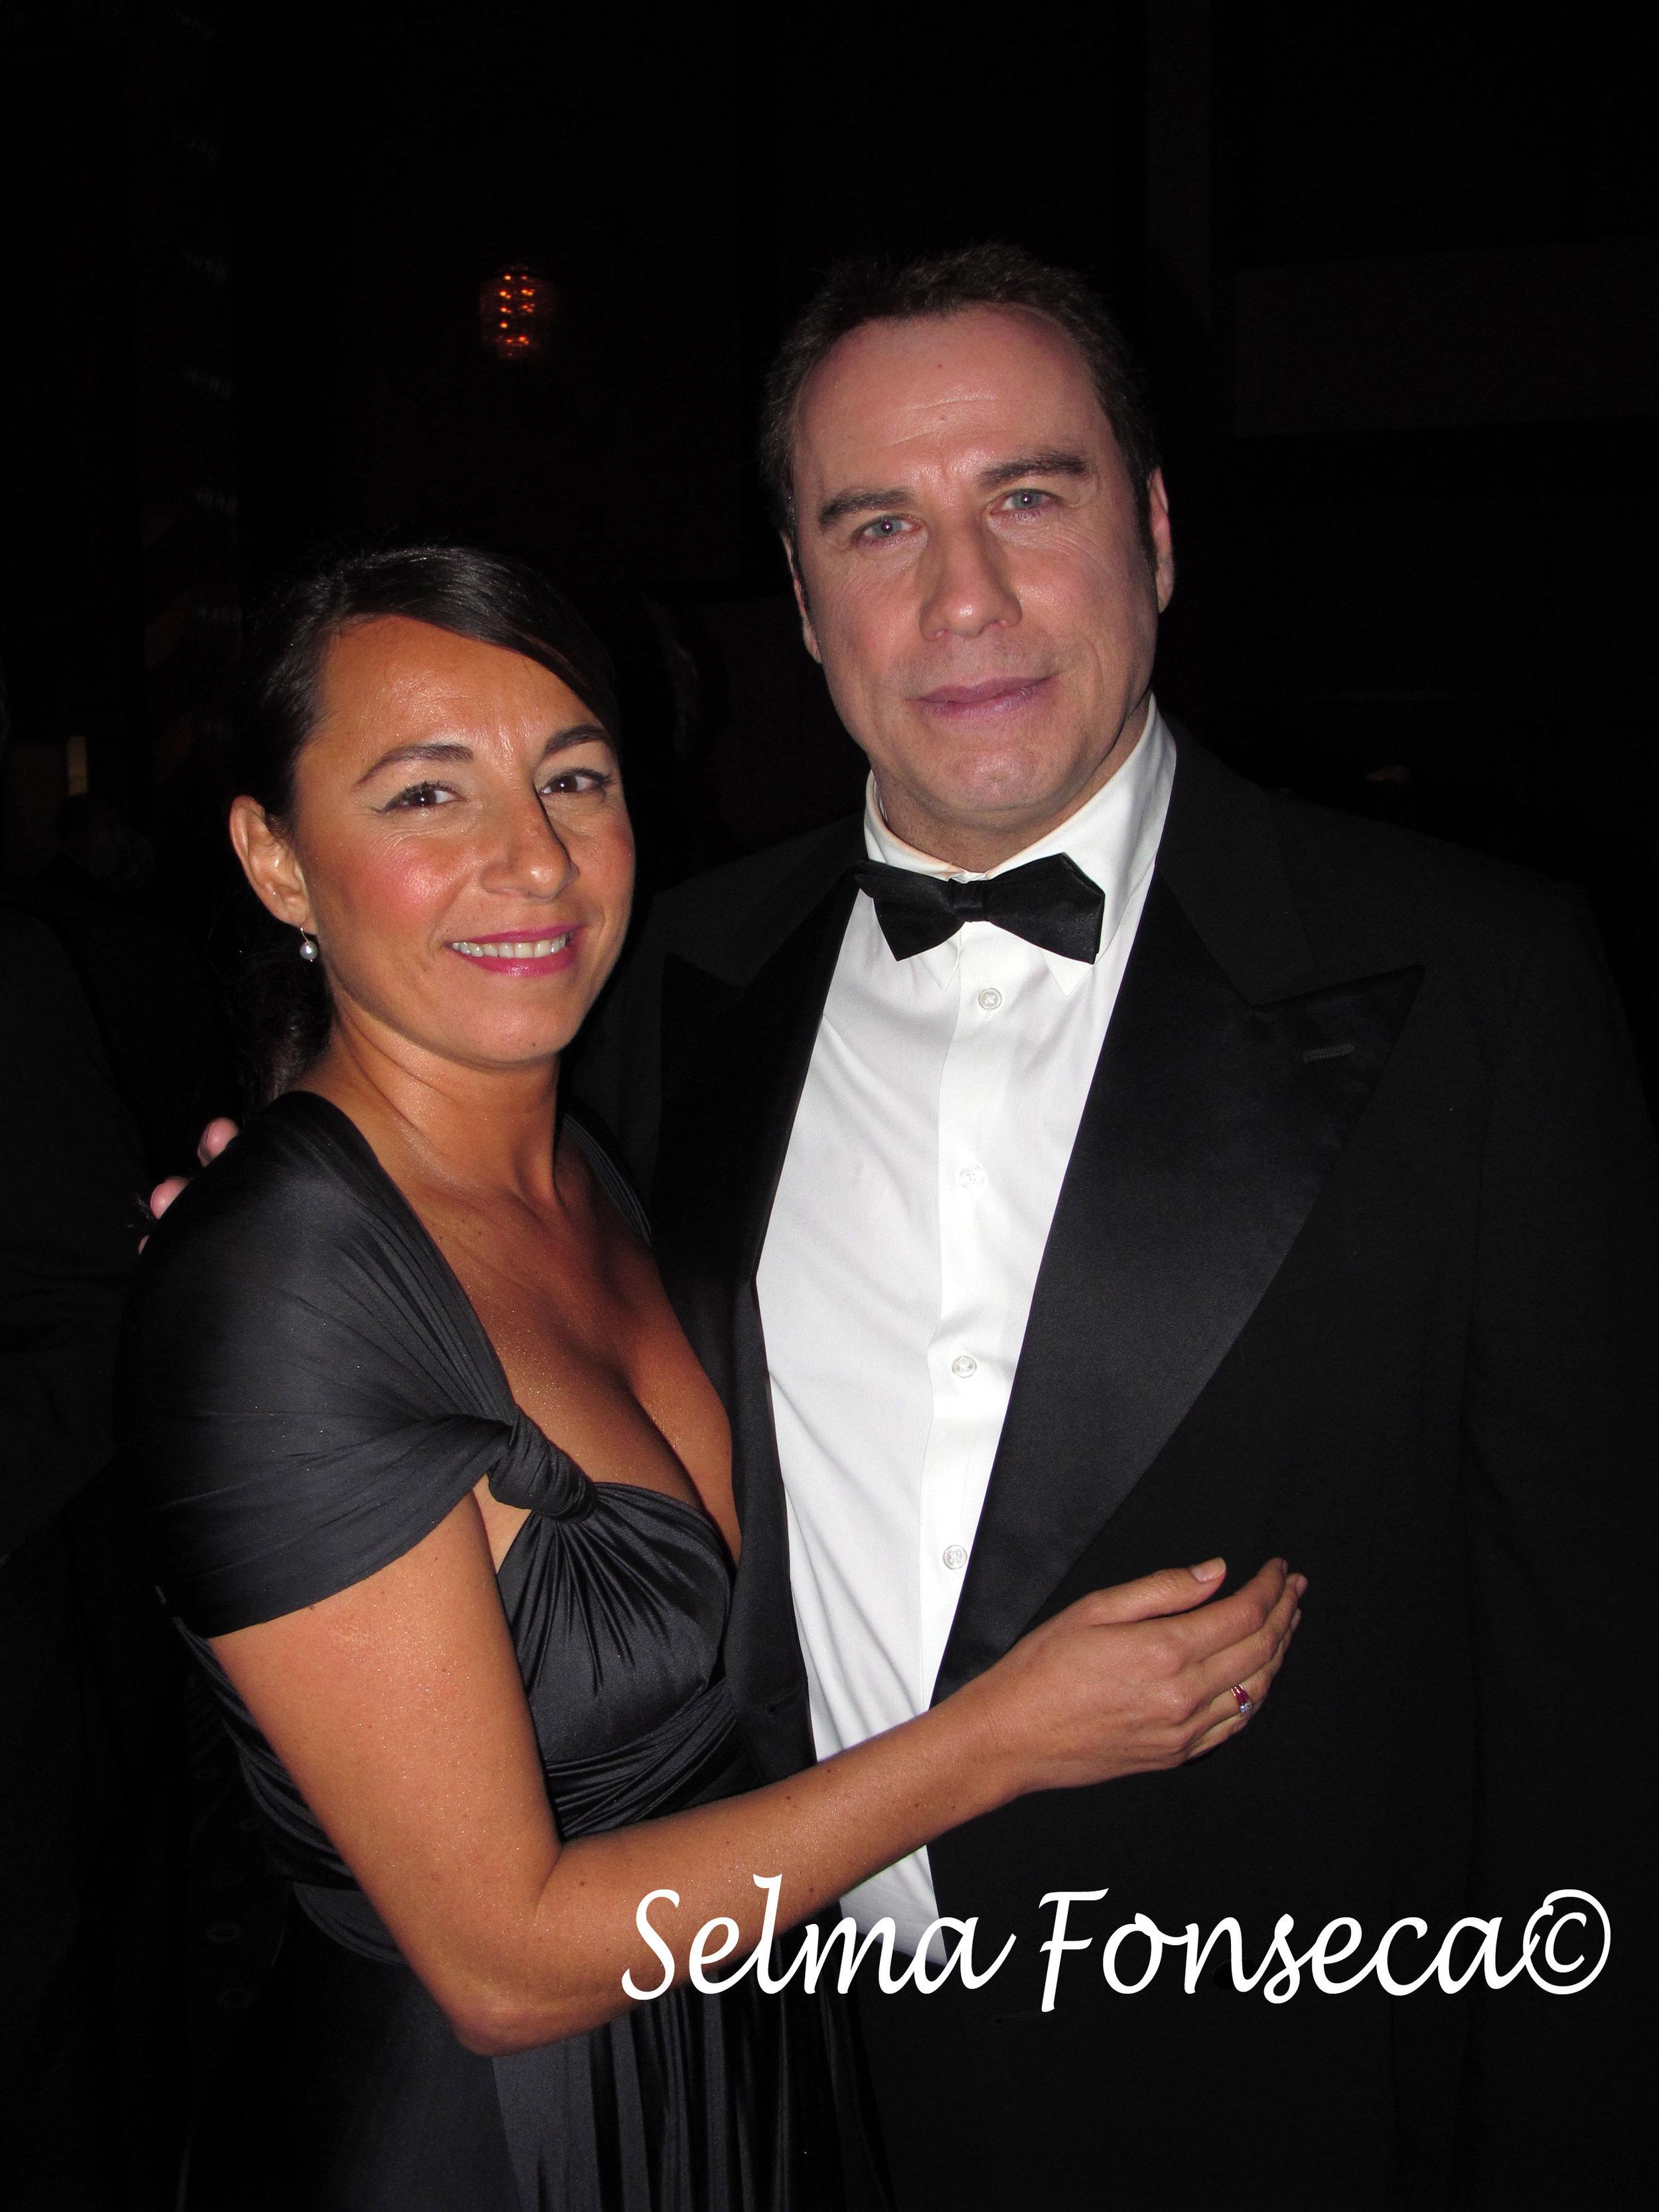 John Travolta_Selma.JPG